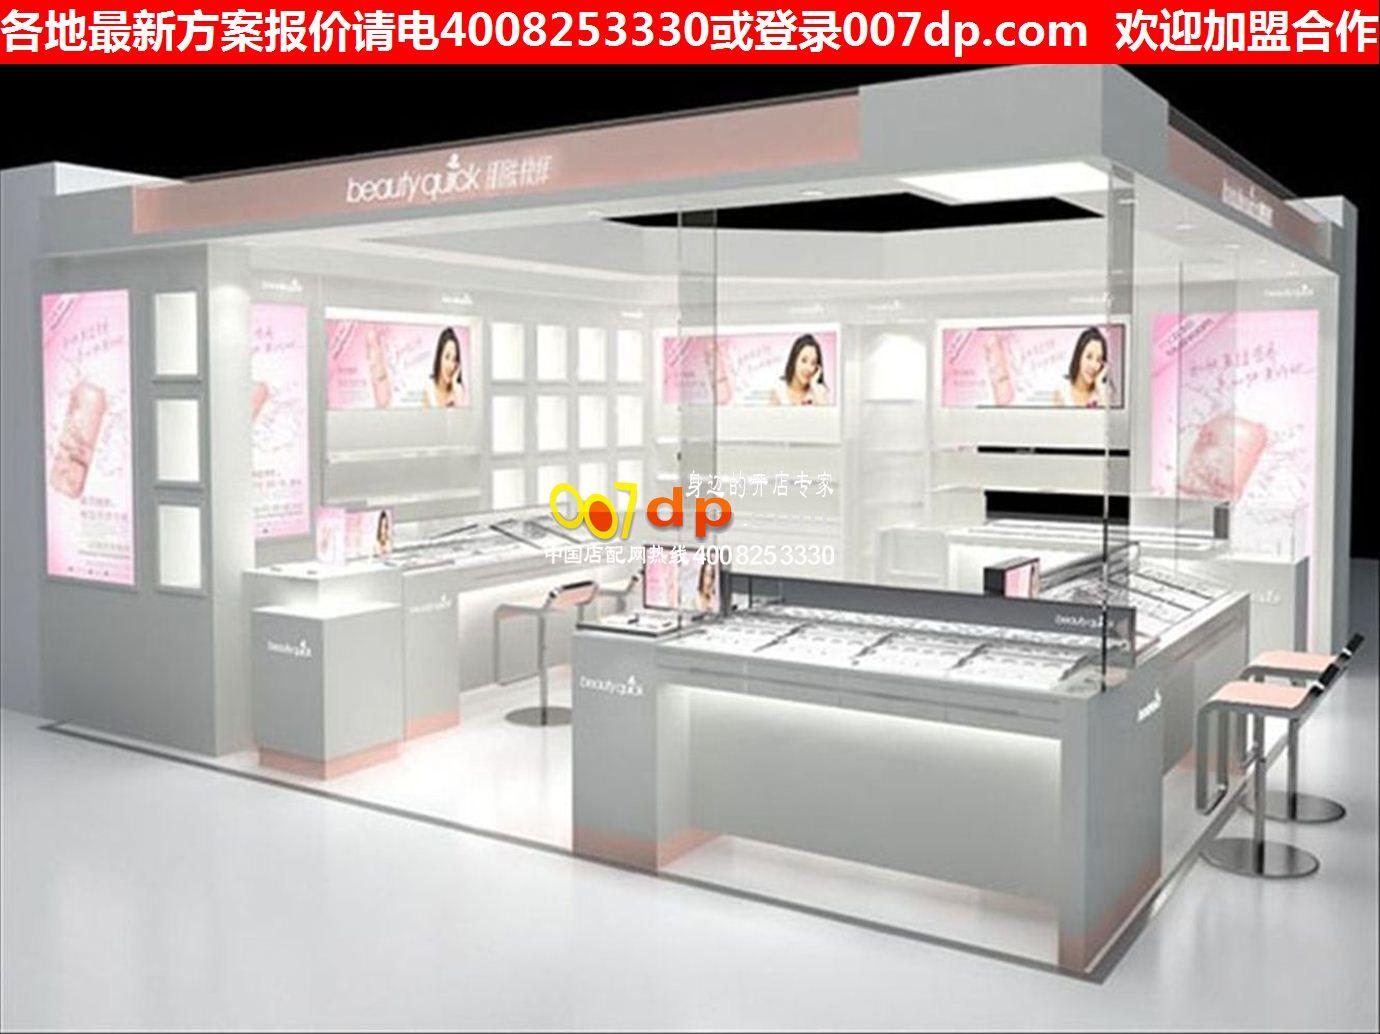 时尚化妆品店装修创意化妆品展柜图片简约化妆品展示